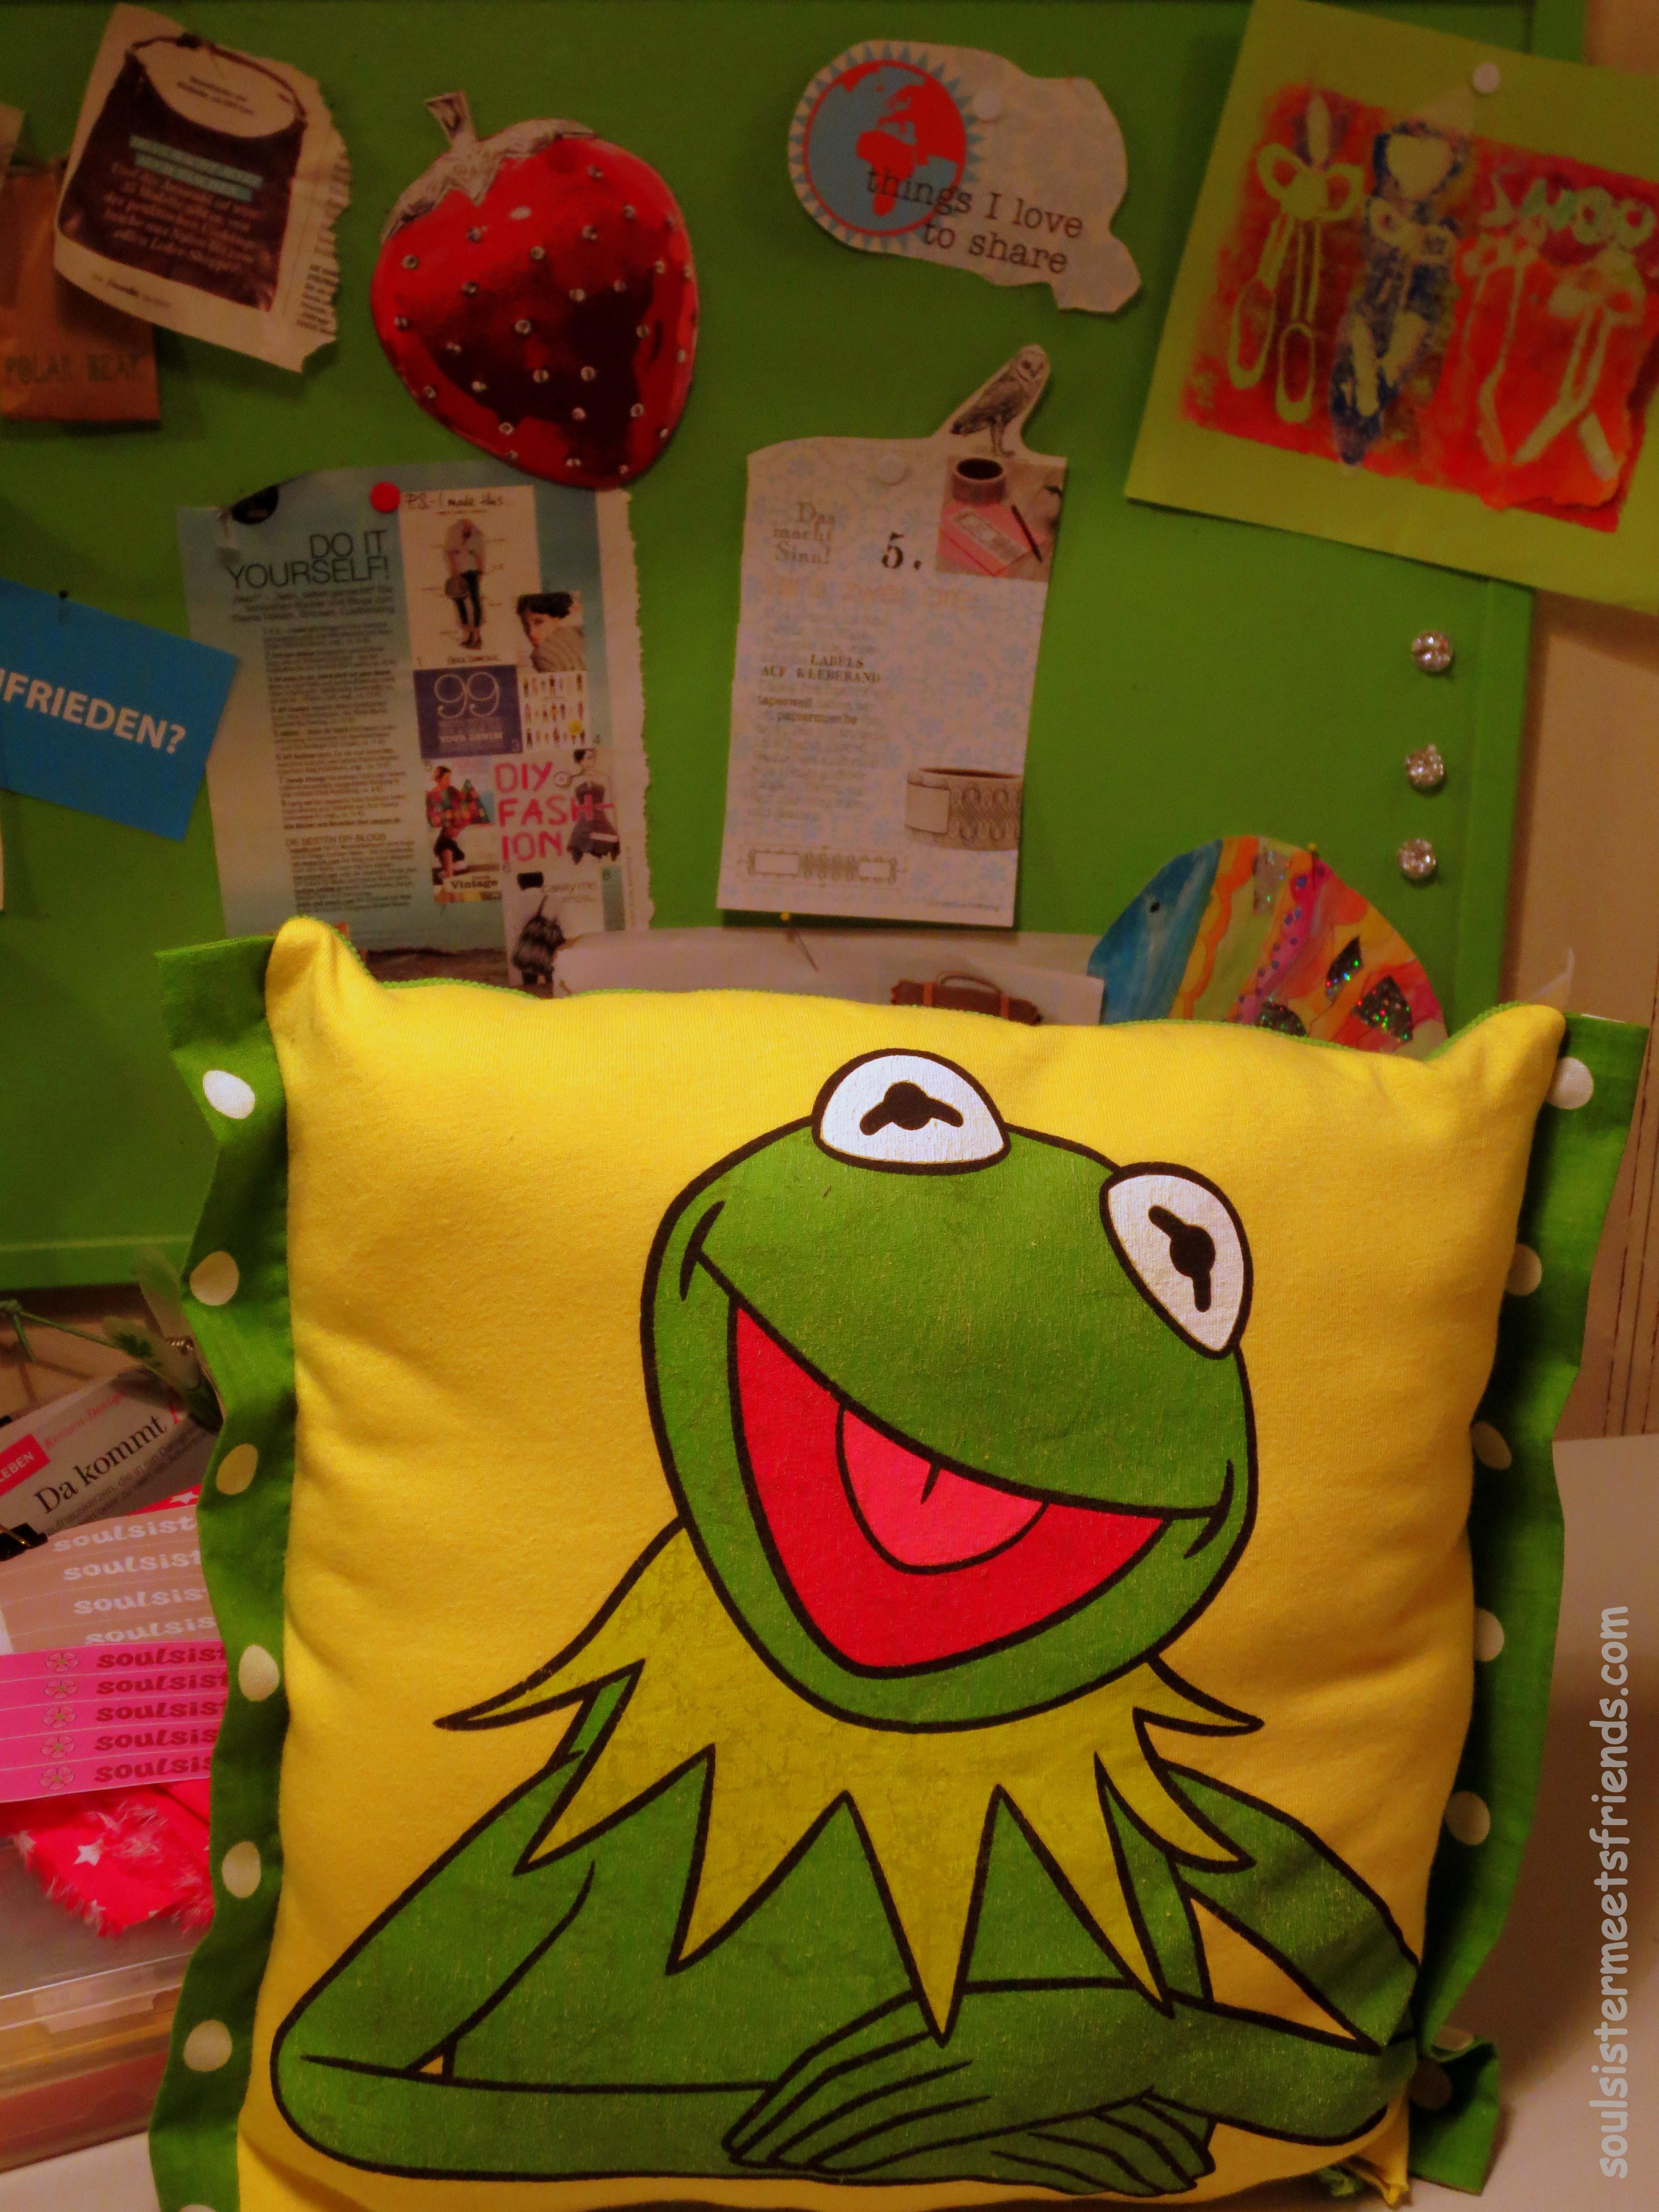 Kermitkissen